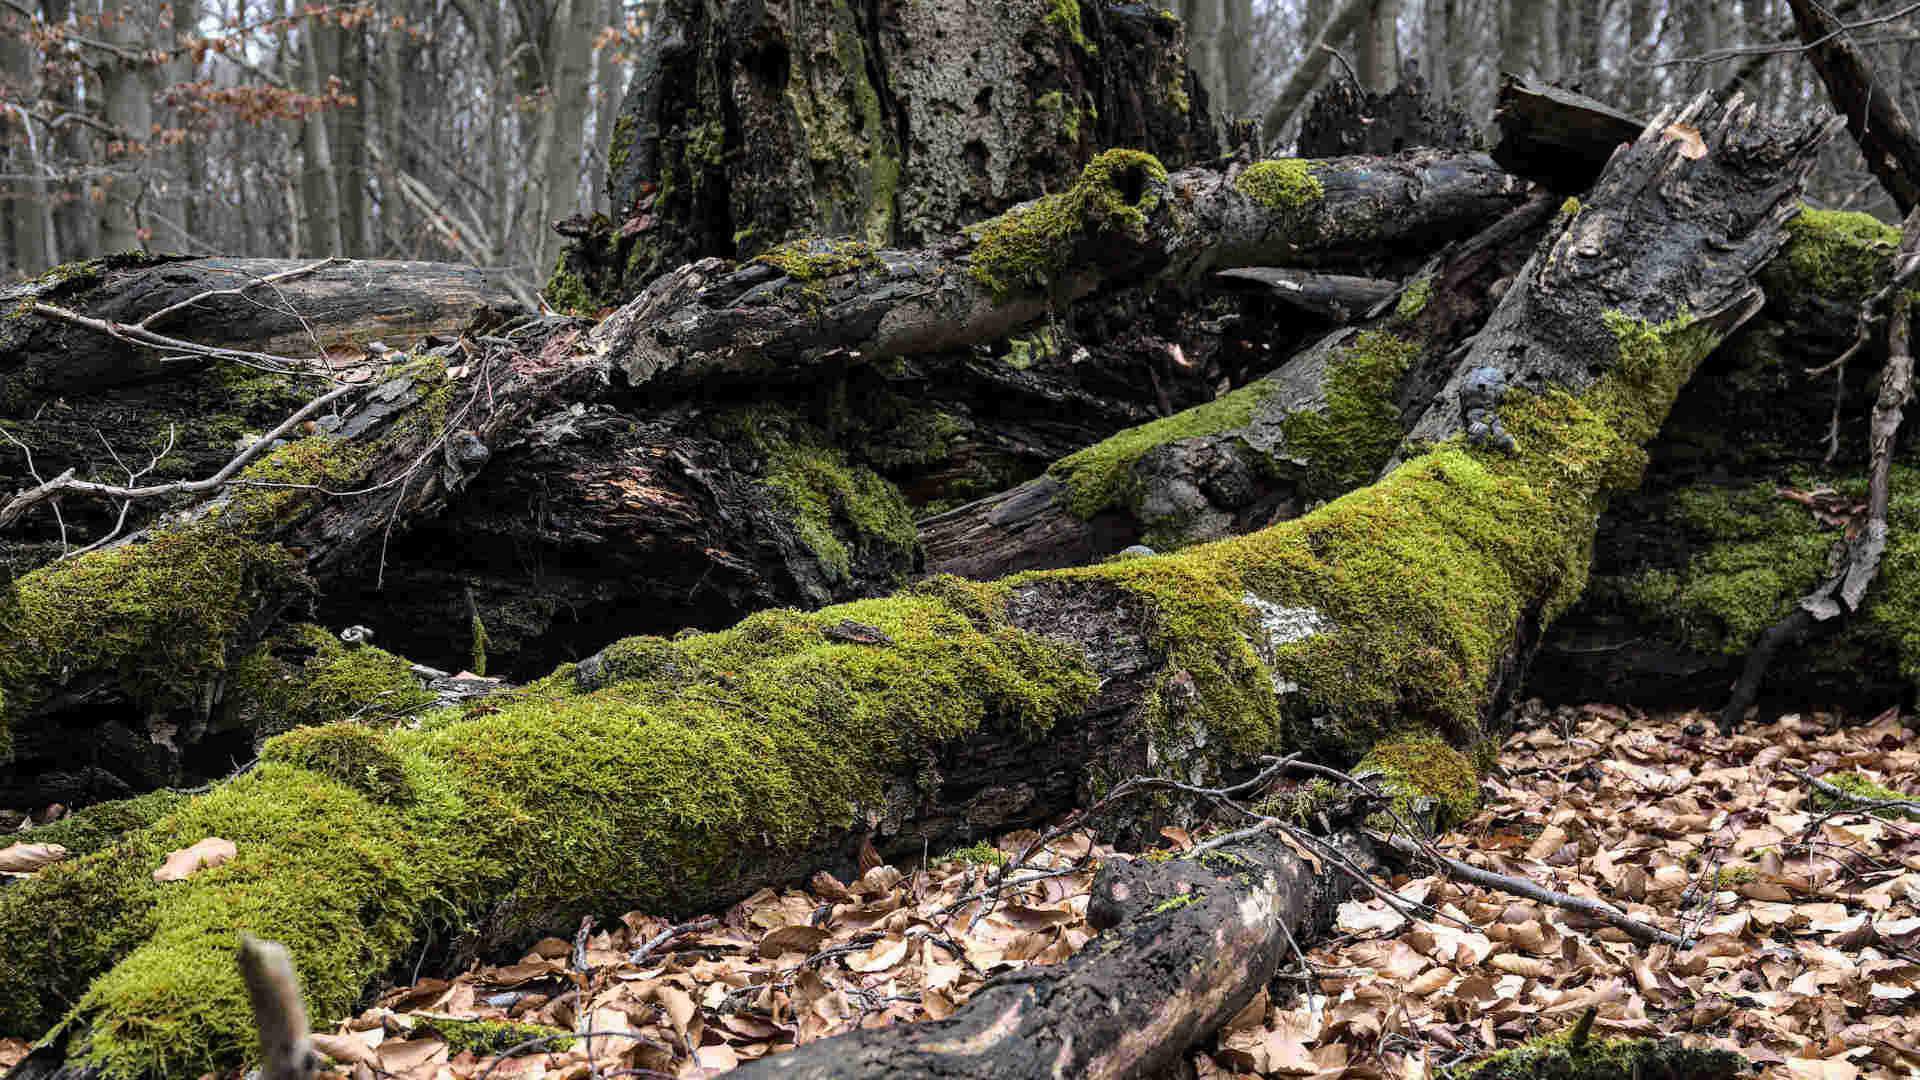 Wundervoller Urwald Sababurg